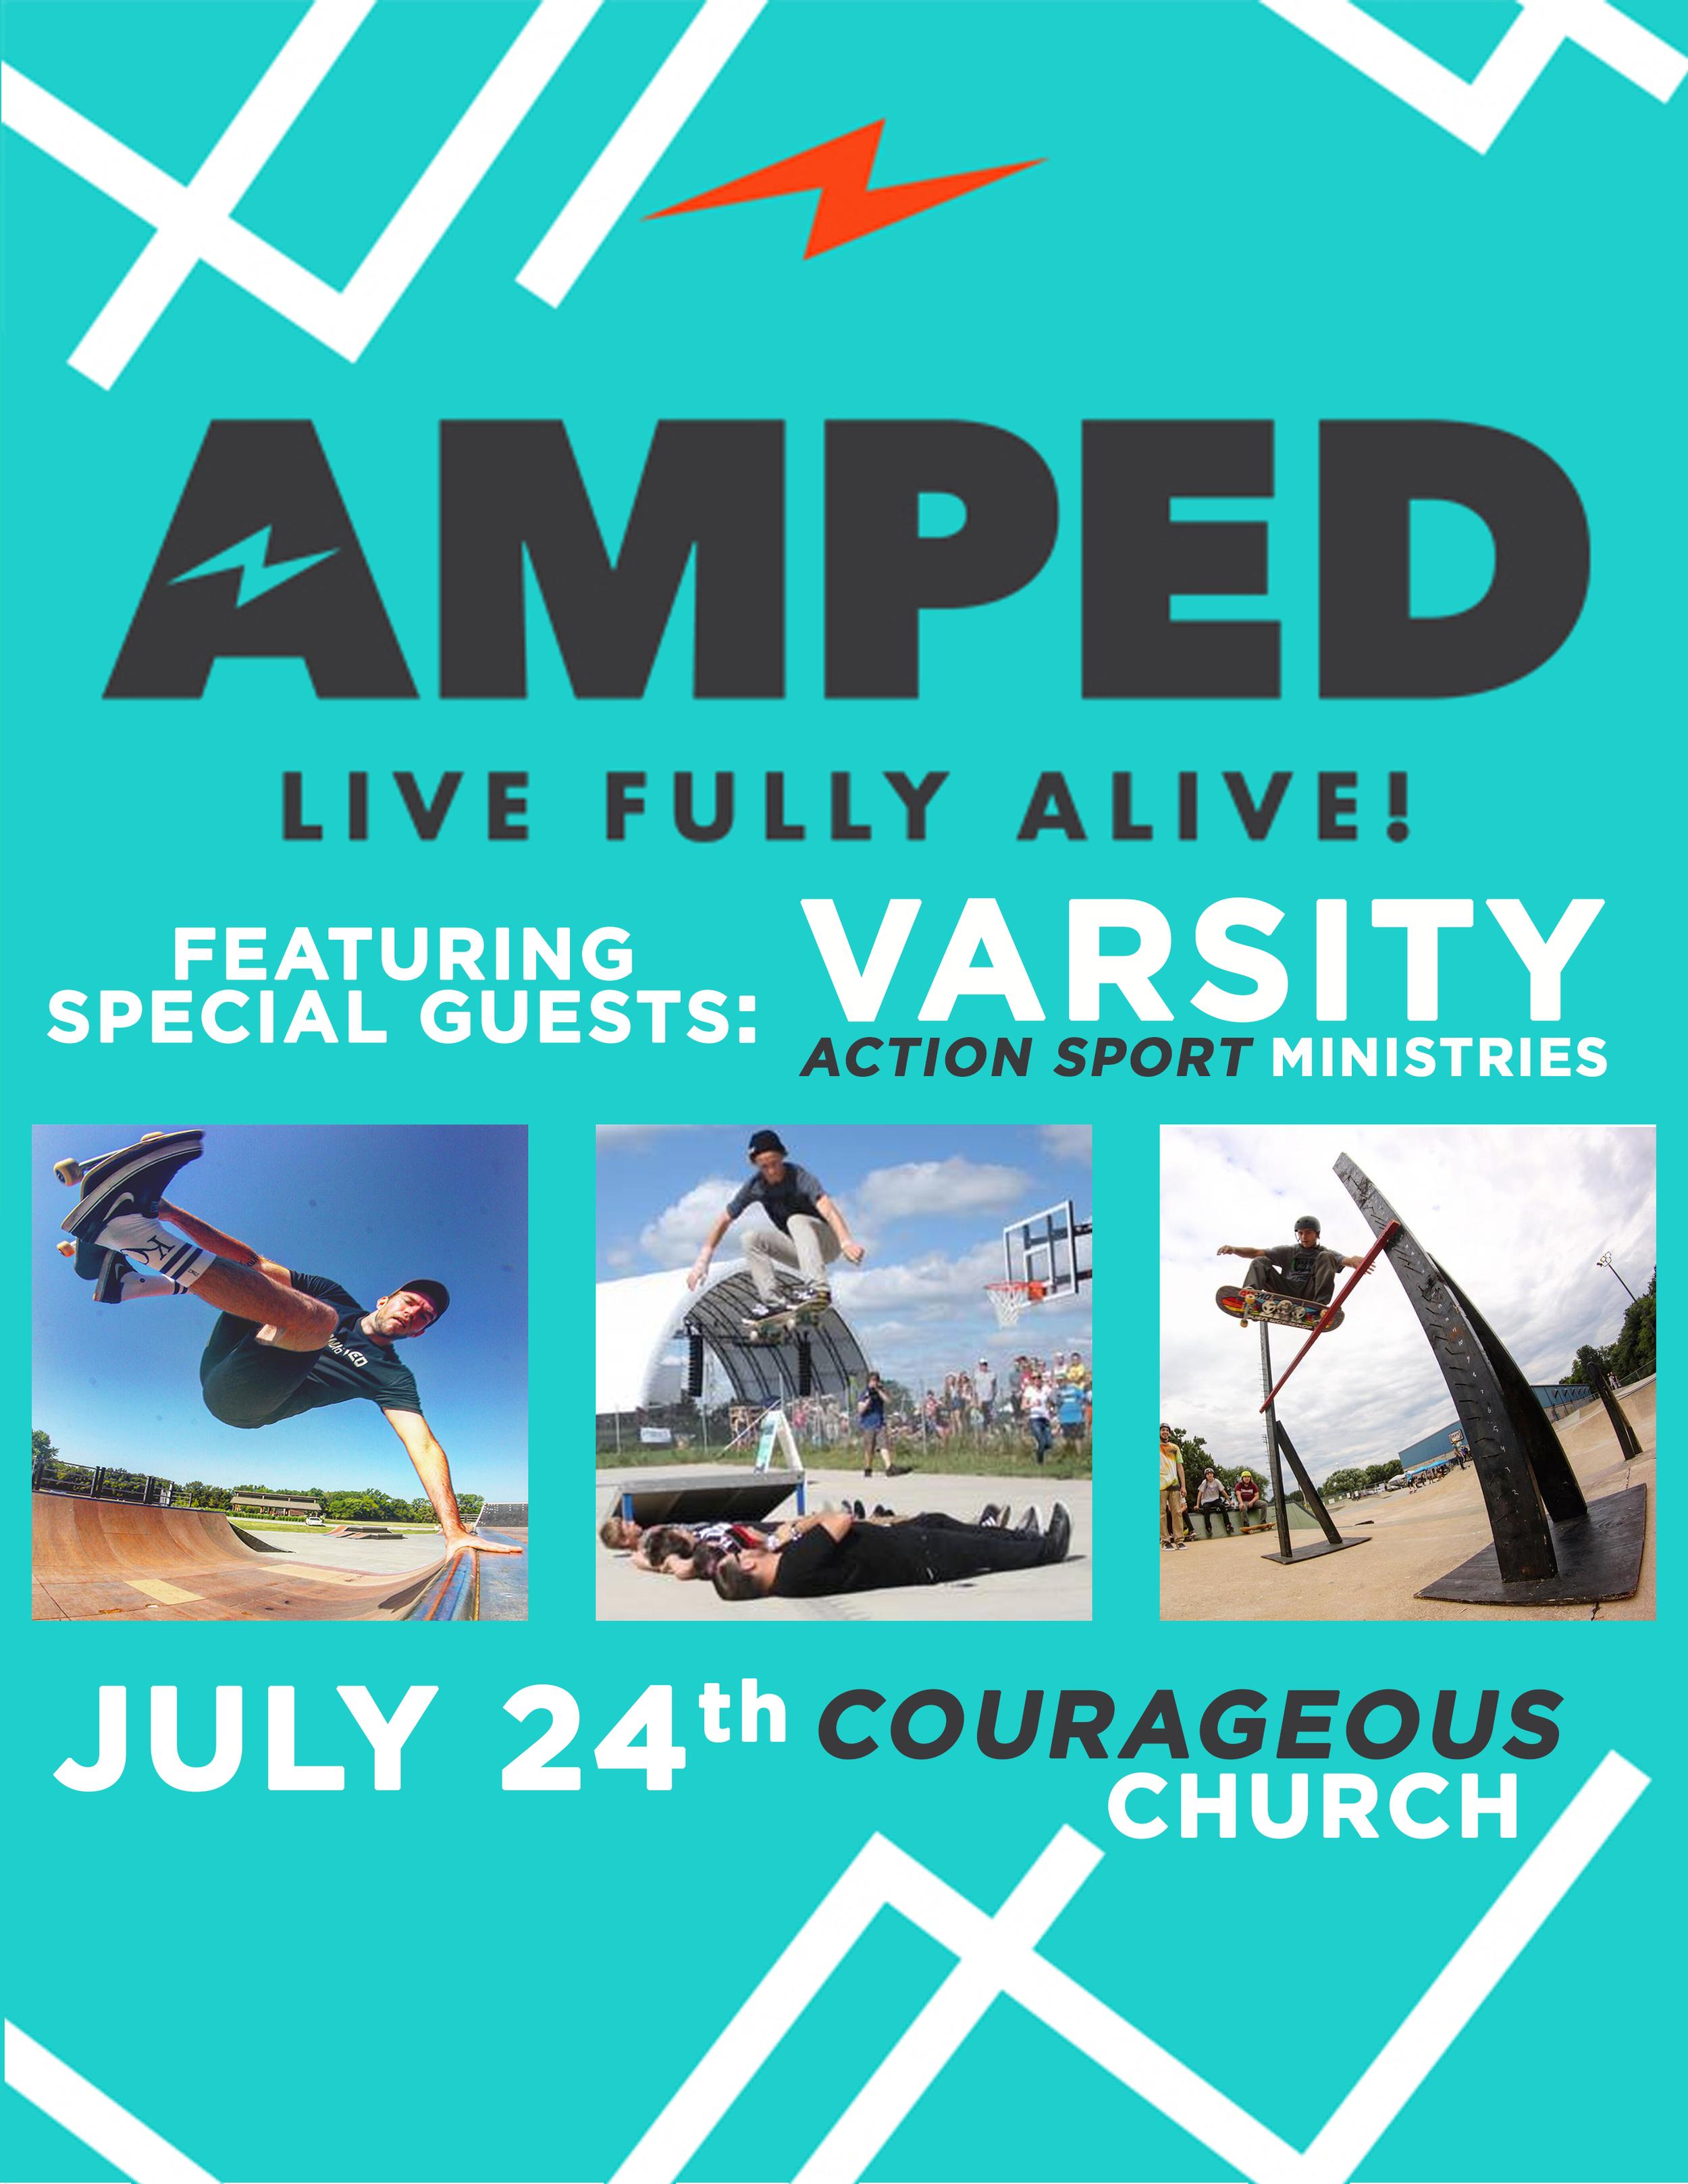 AMPED-Varsity-FLYER.png